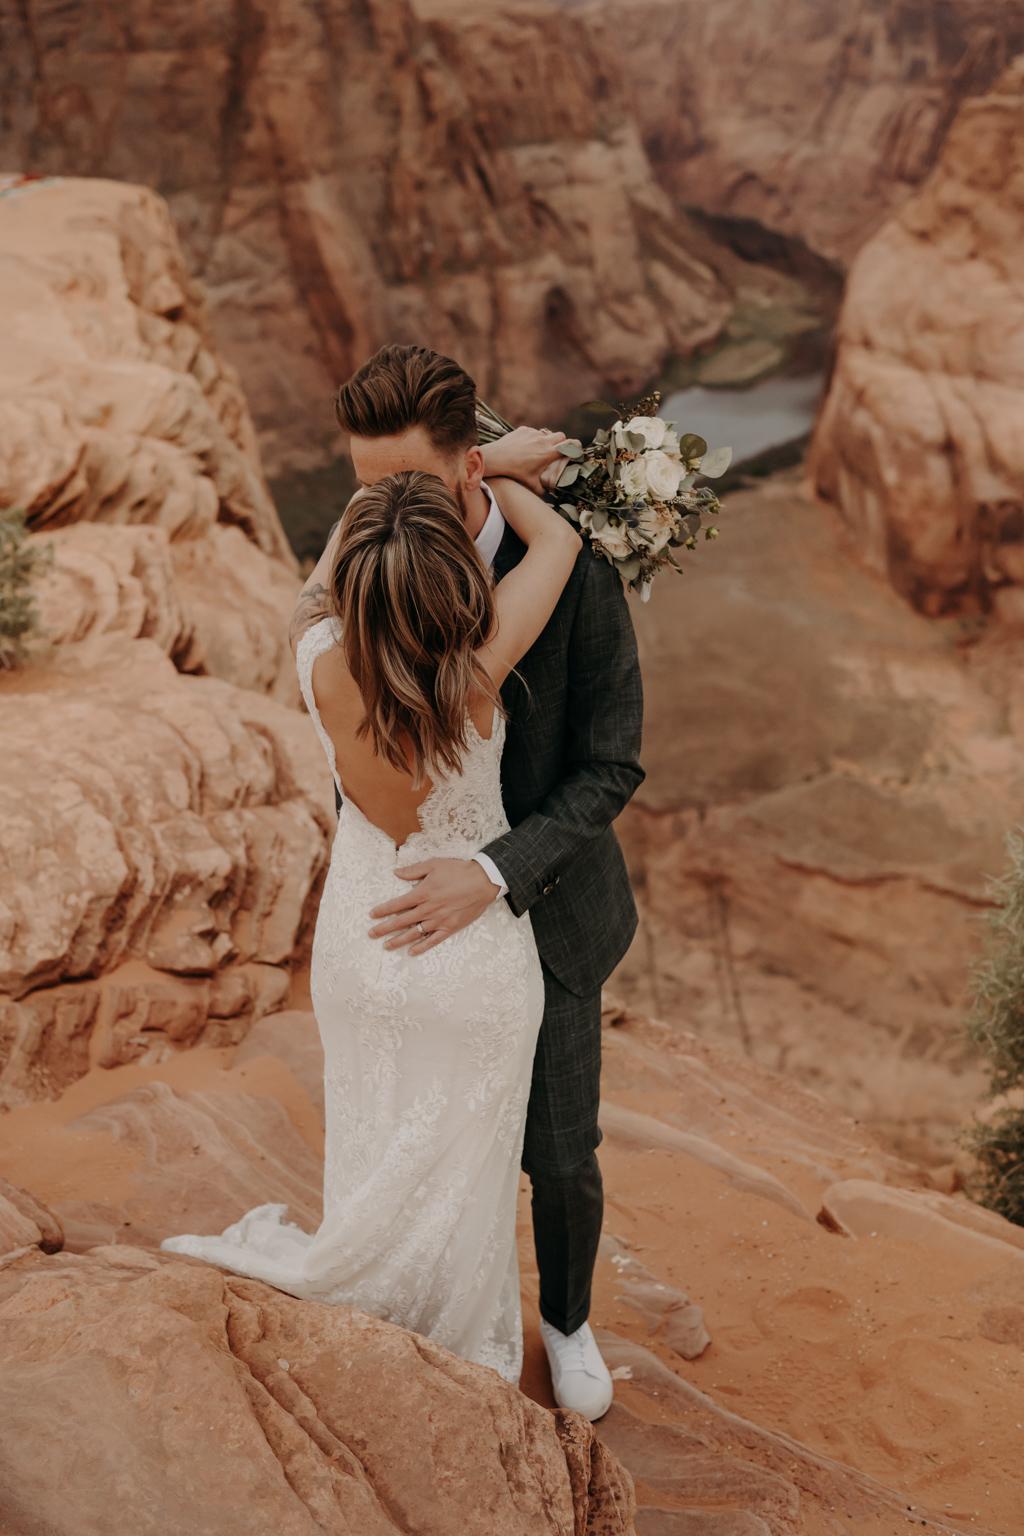 trouweninhetbuitenland_huwelijksfotografie_roxannedankers-7.jpg